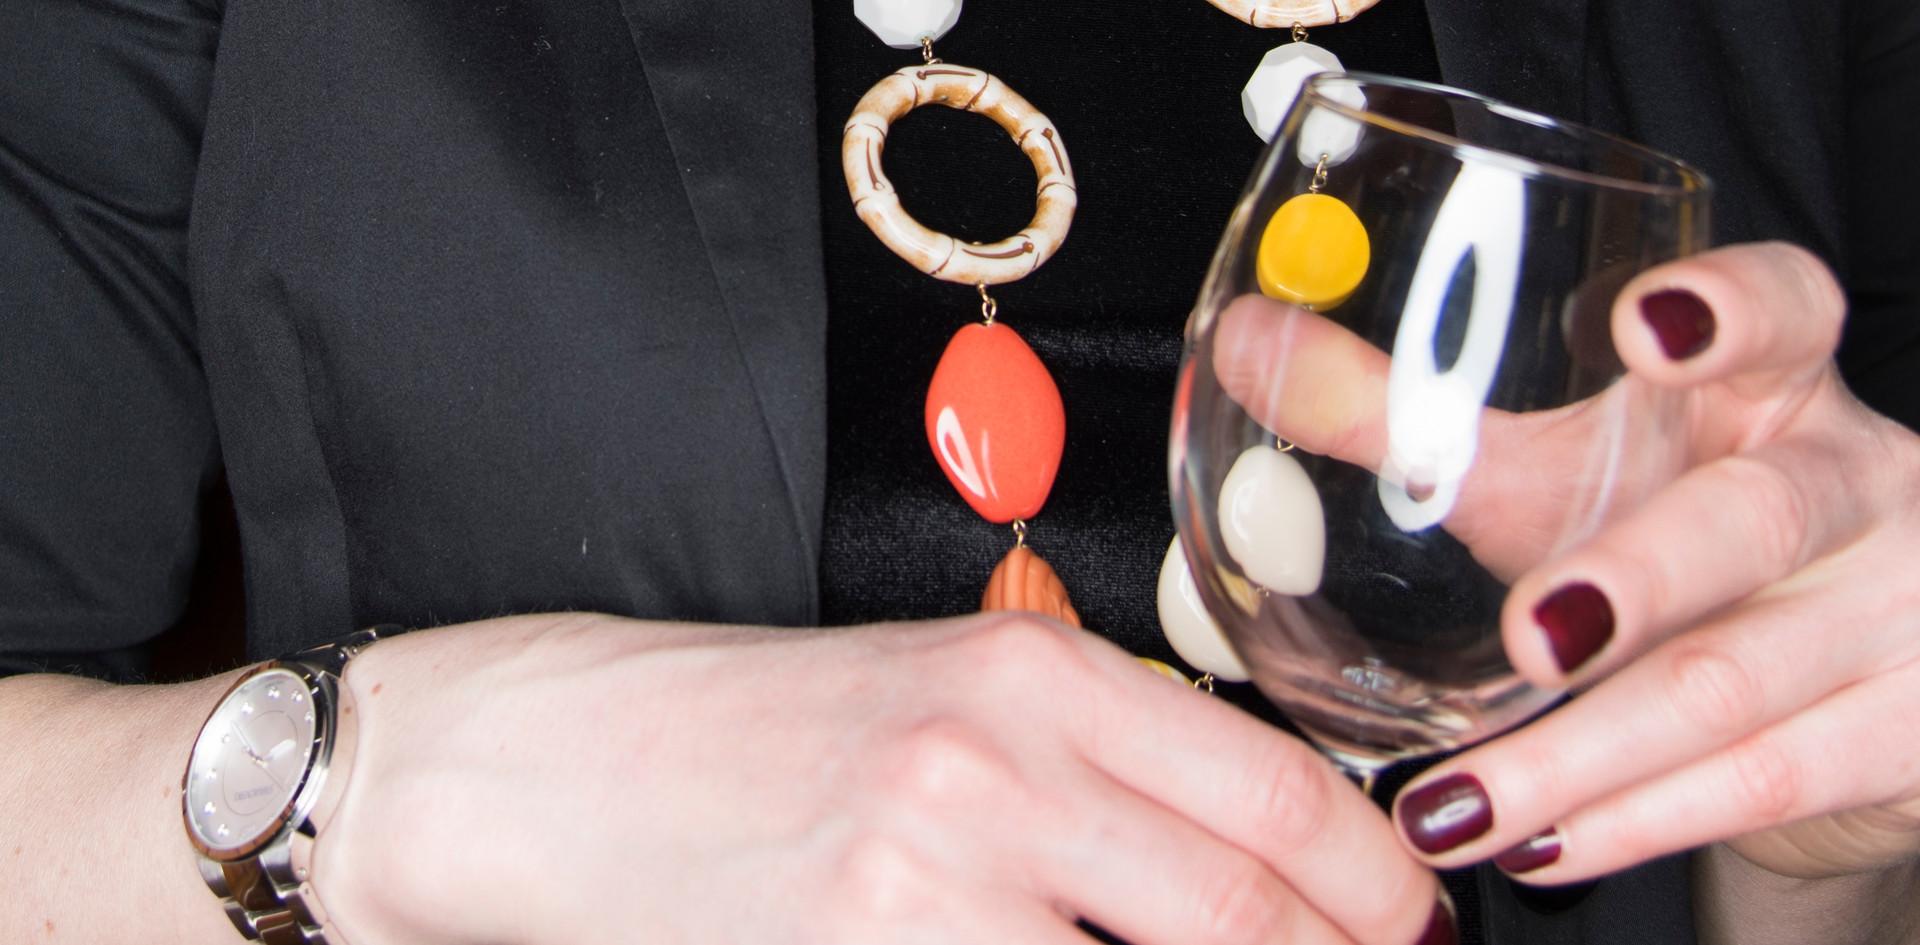 festa di primavera 2018 collane bracciali orecchini per tuttele occasioni amici festa (29).jpg